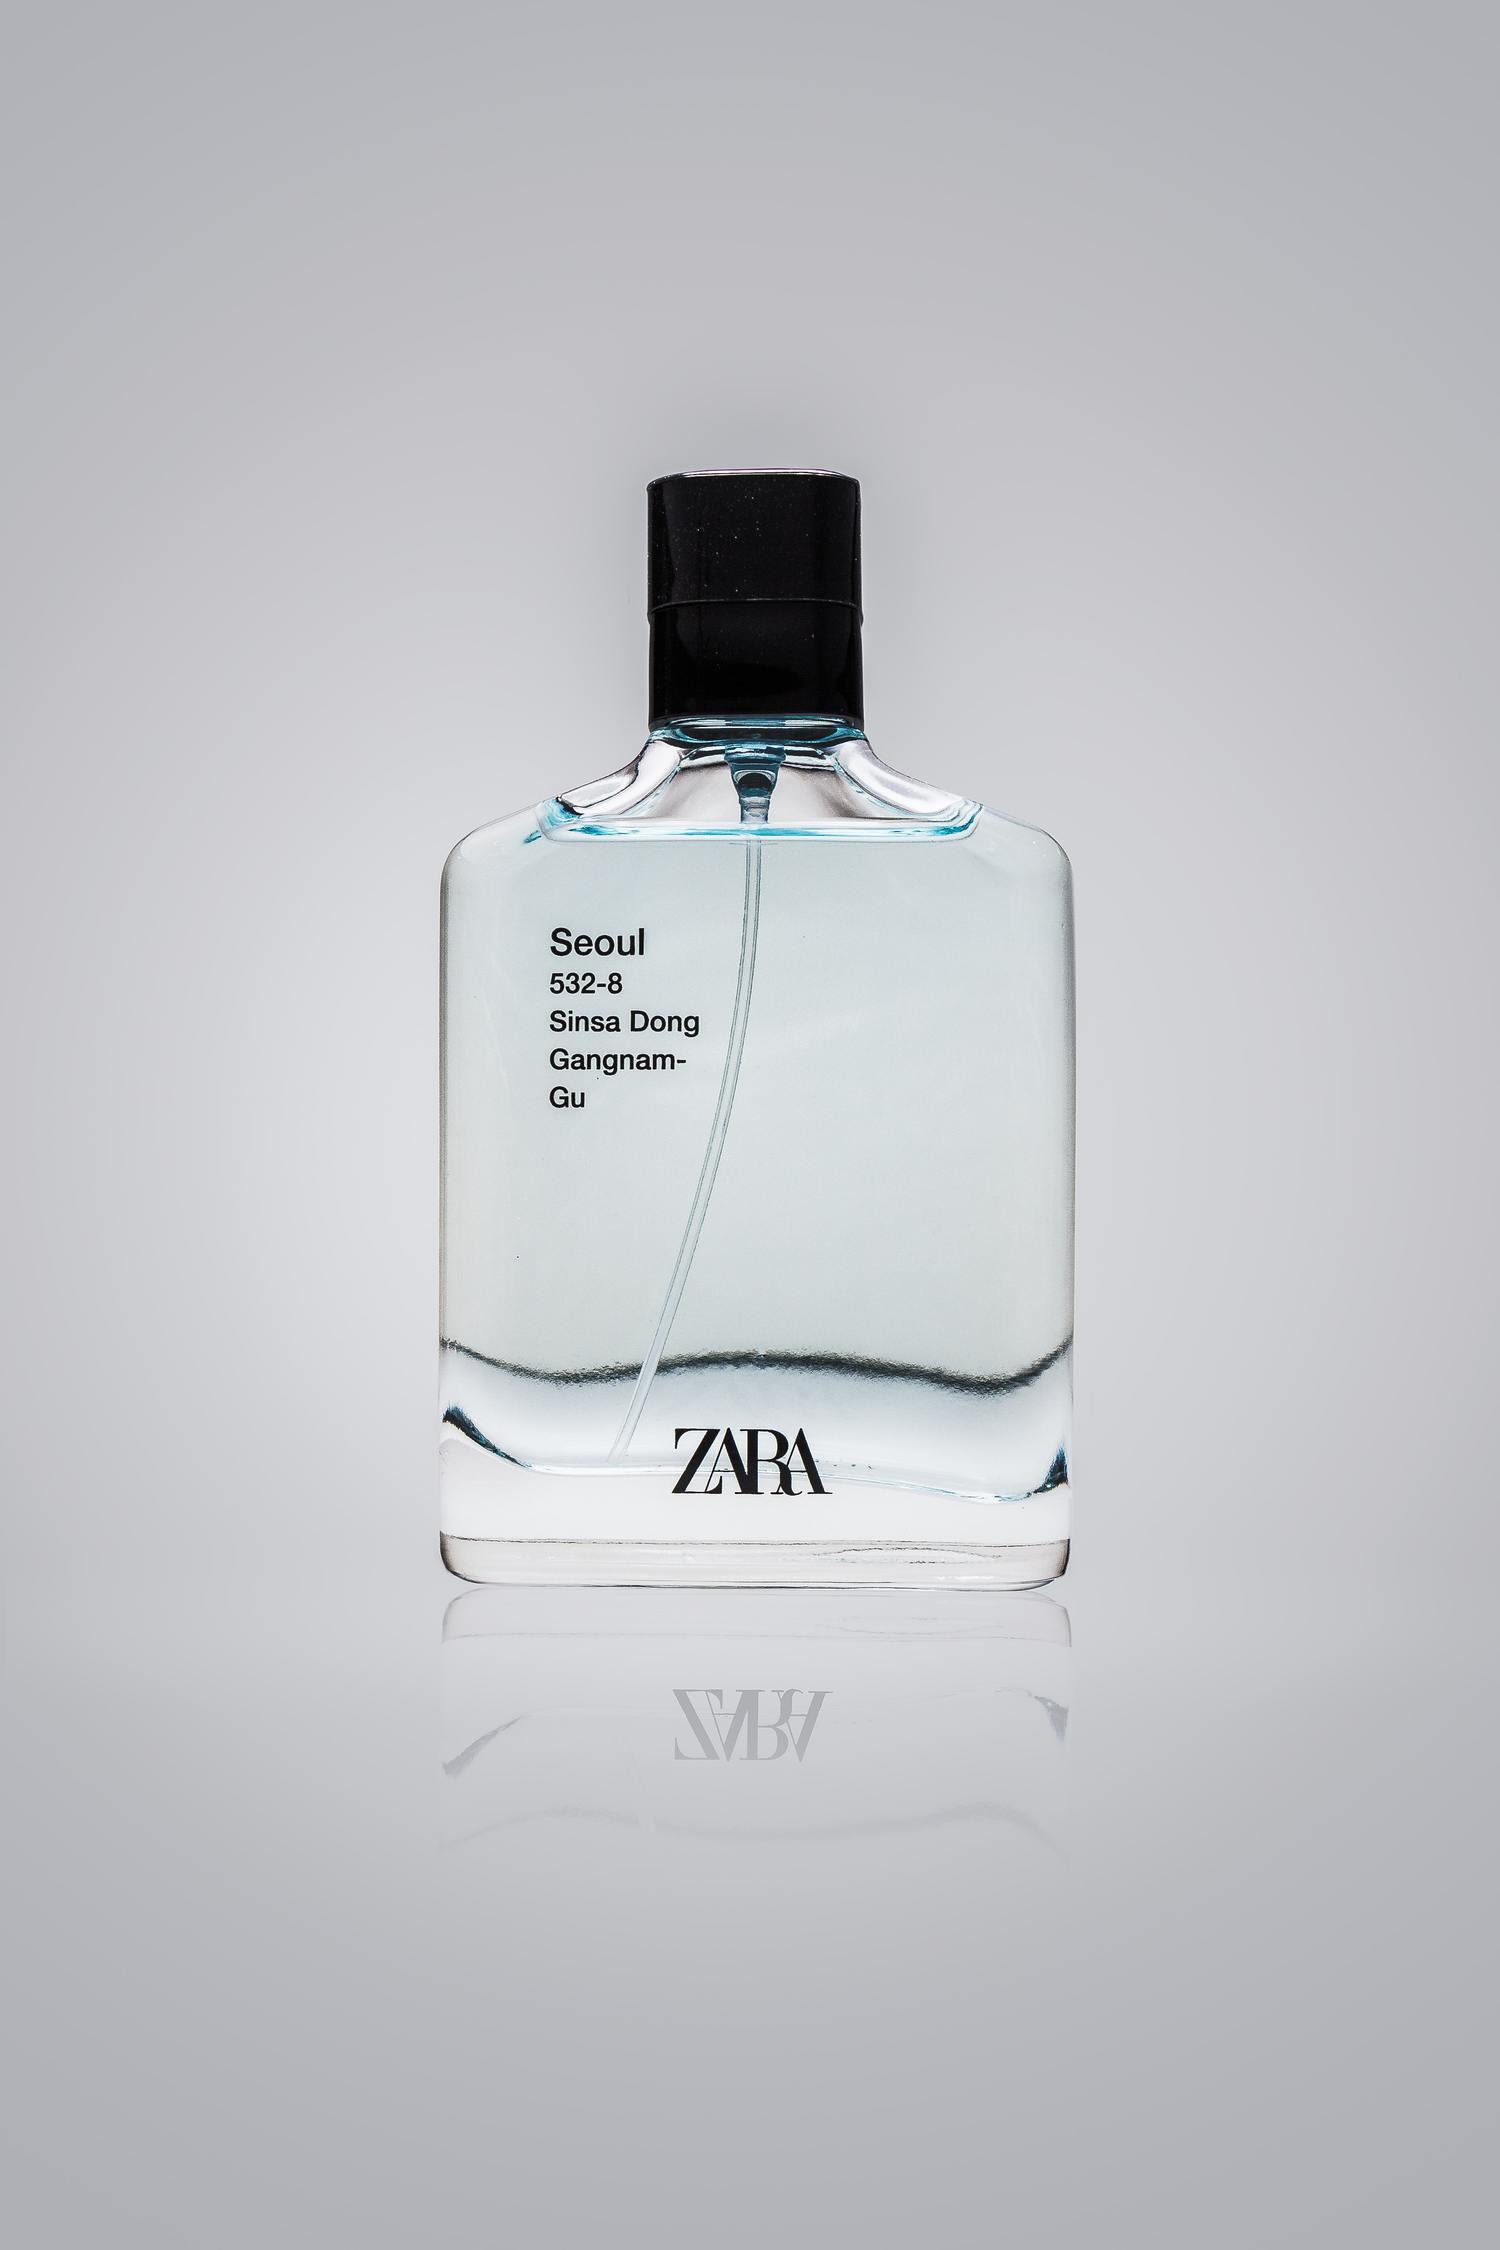 Foto de producto con fondo gris claro